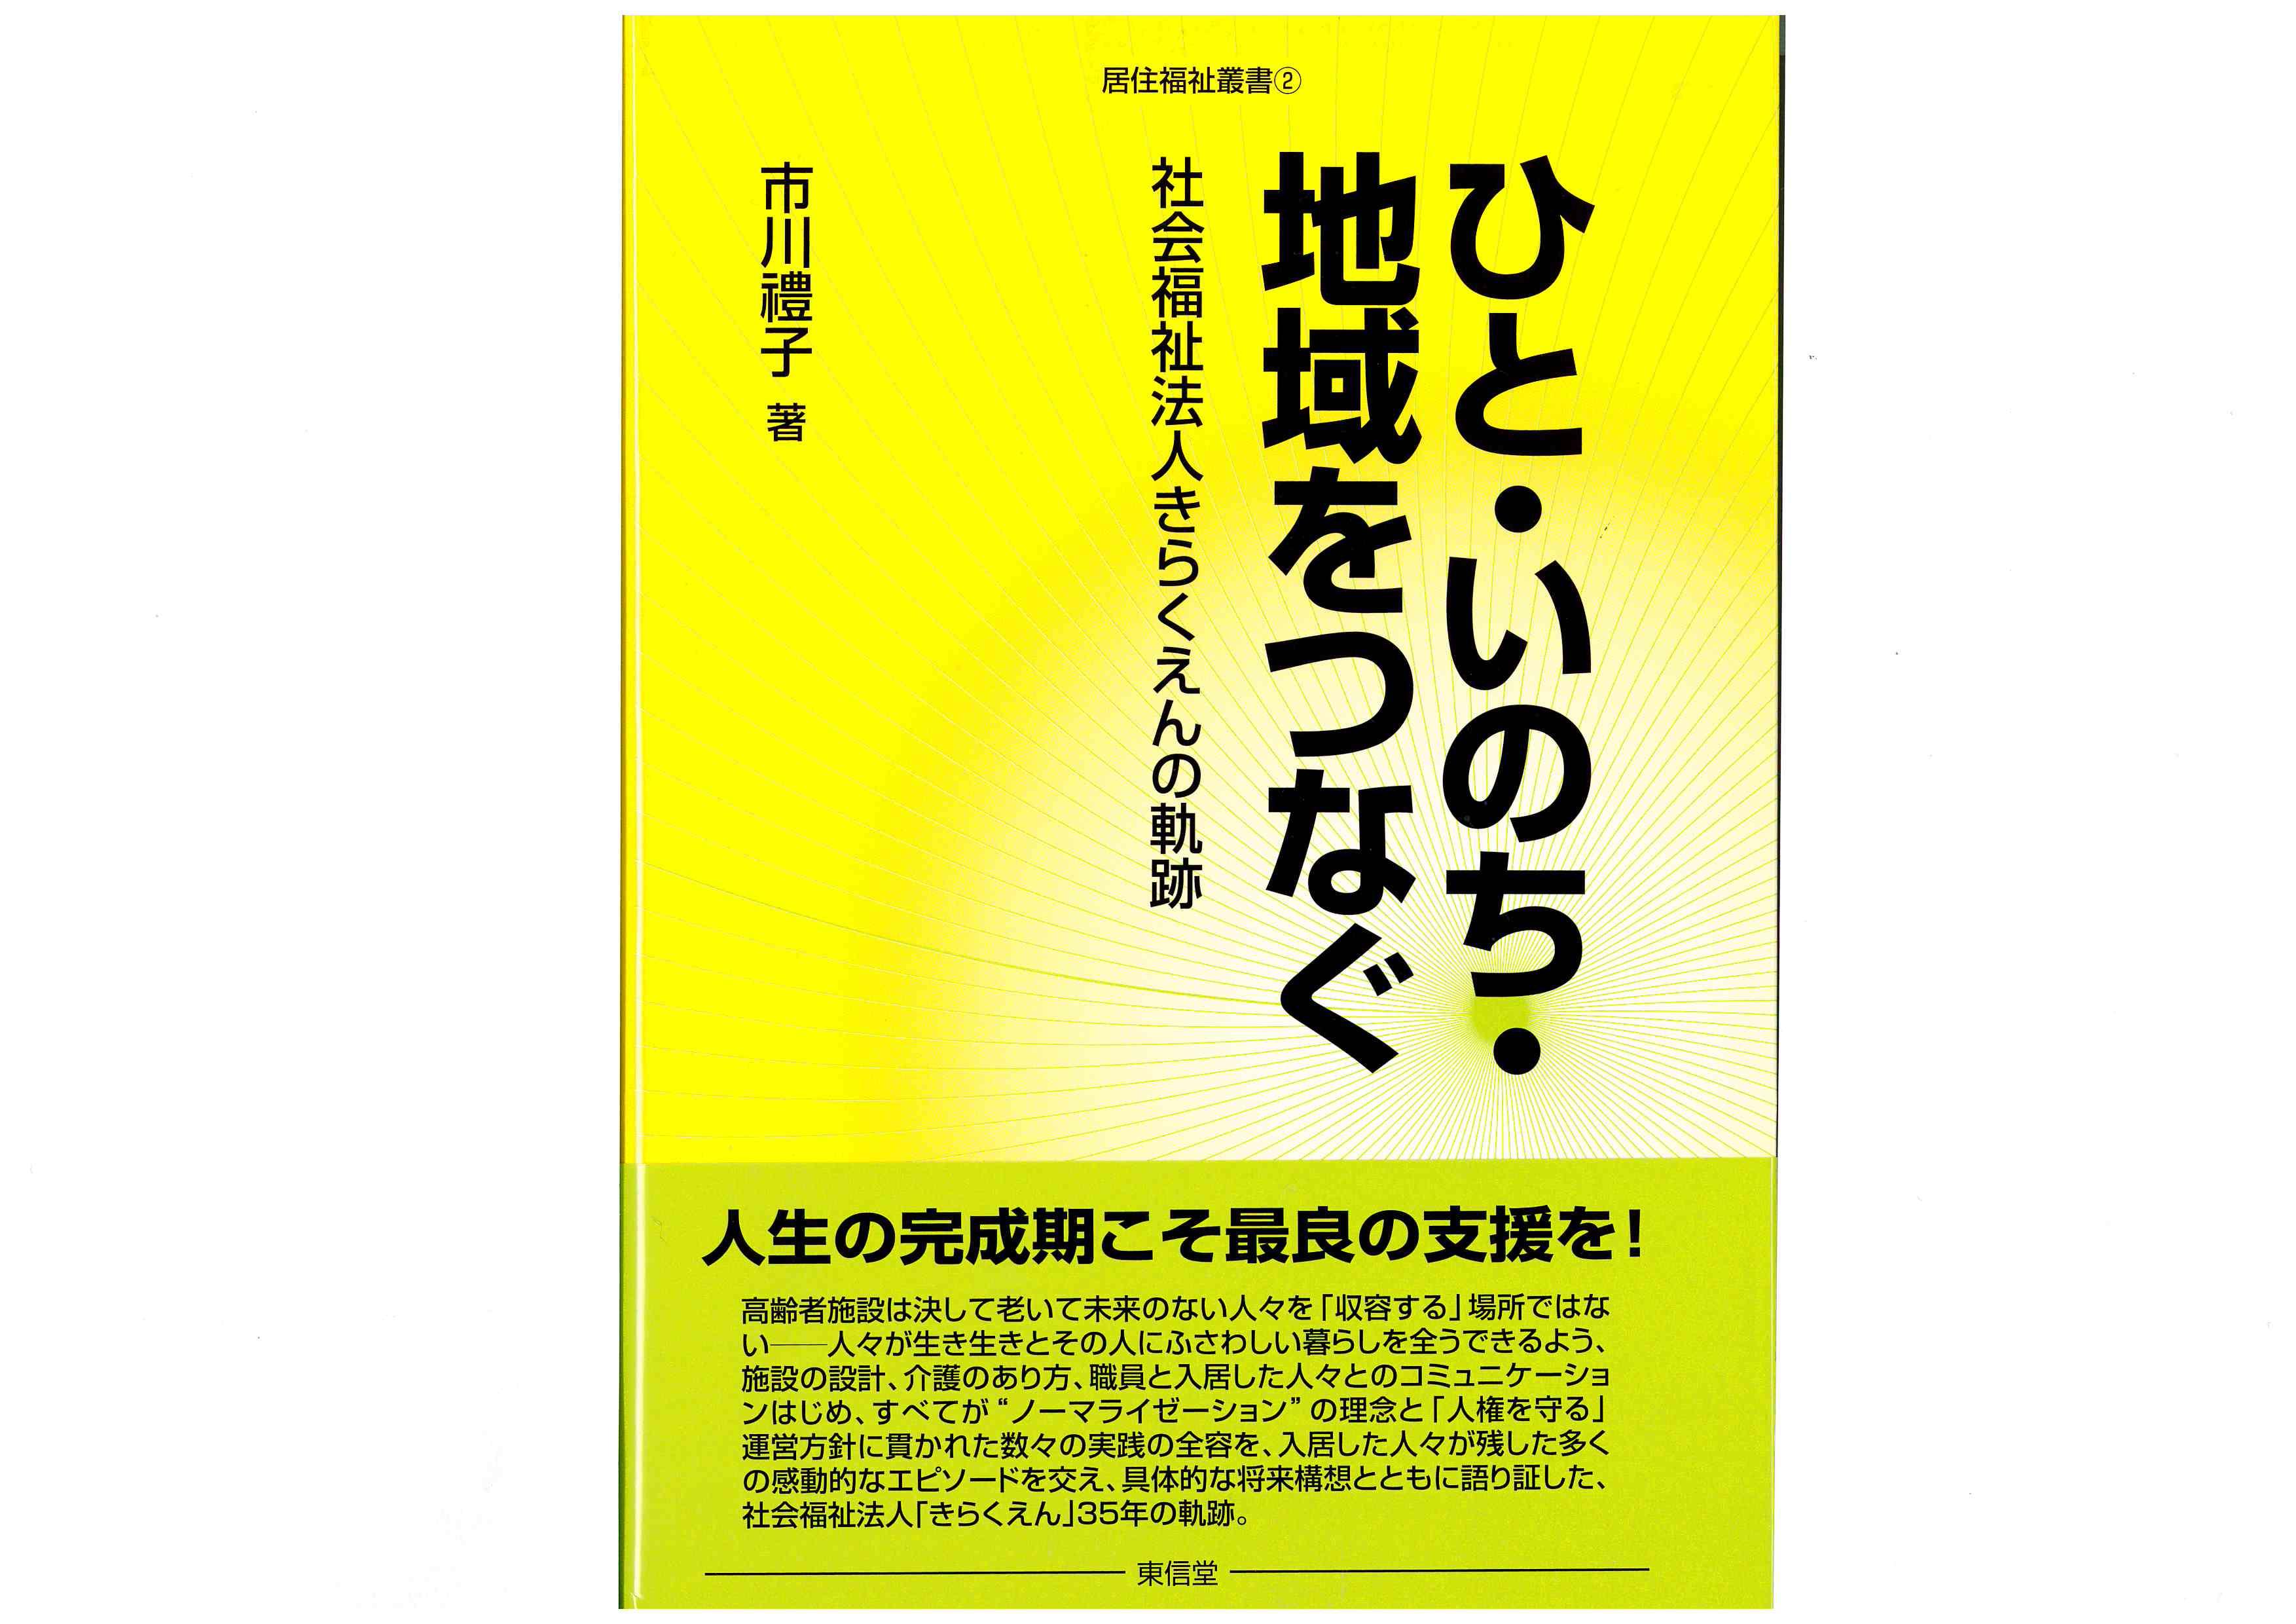 11期生 市川禮子さんの著書